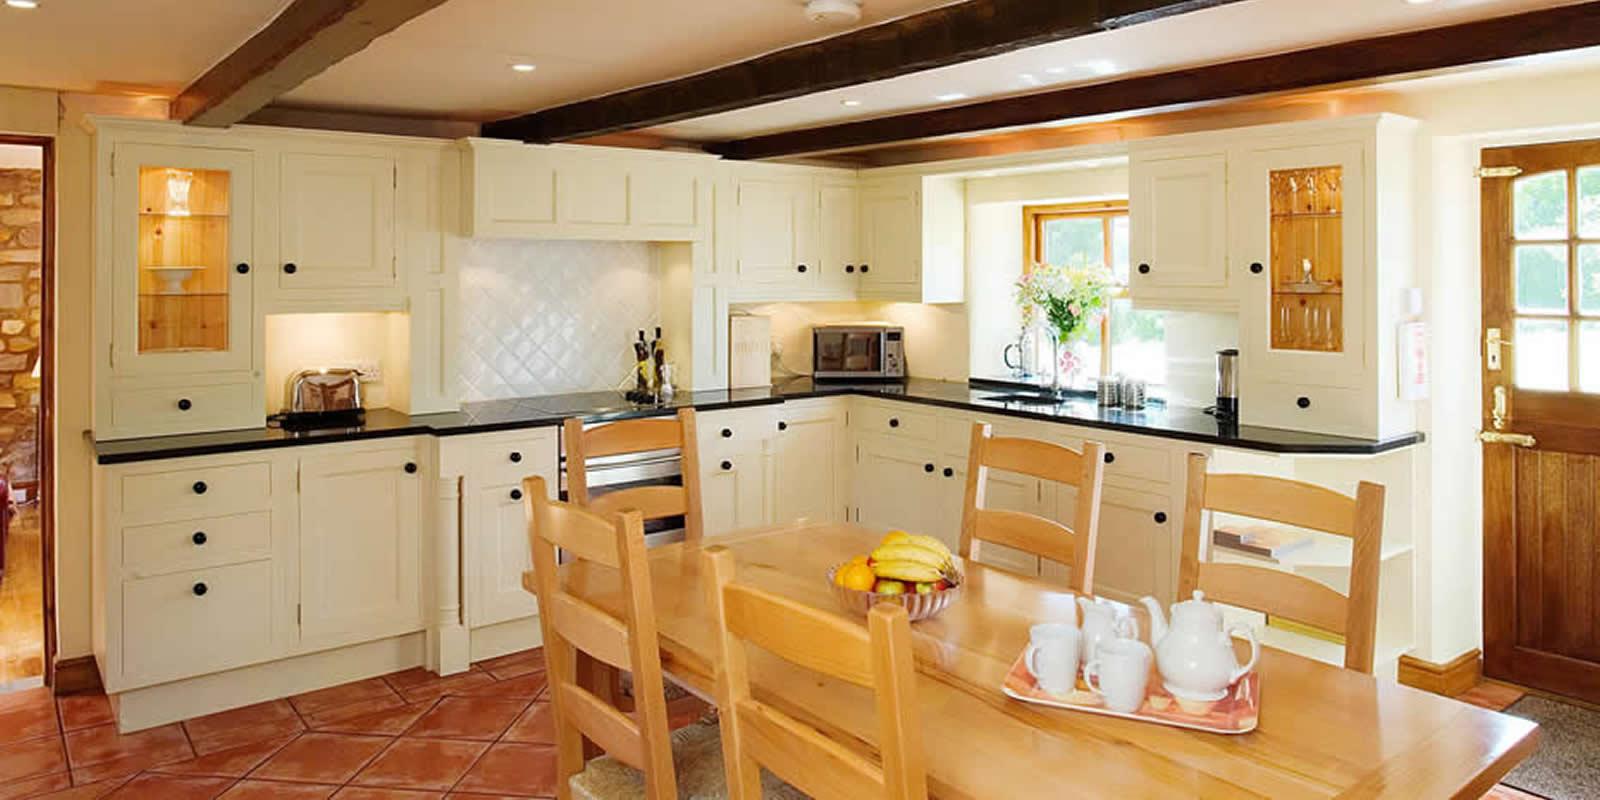 Holiday Cottages Lancashire